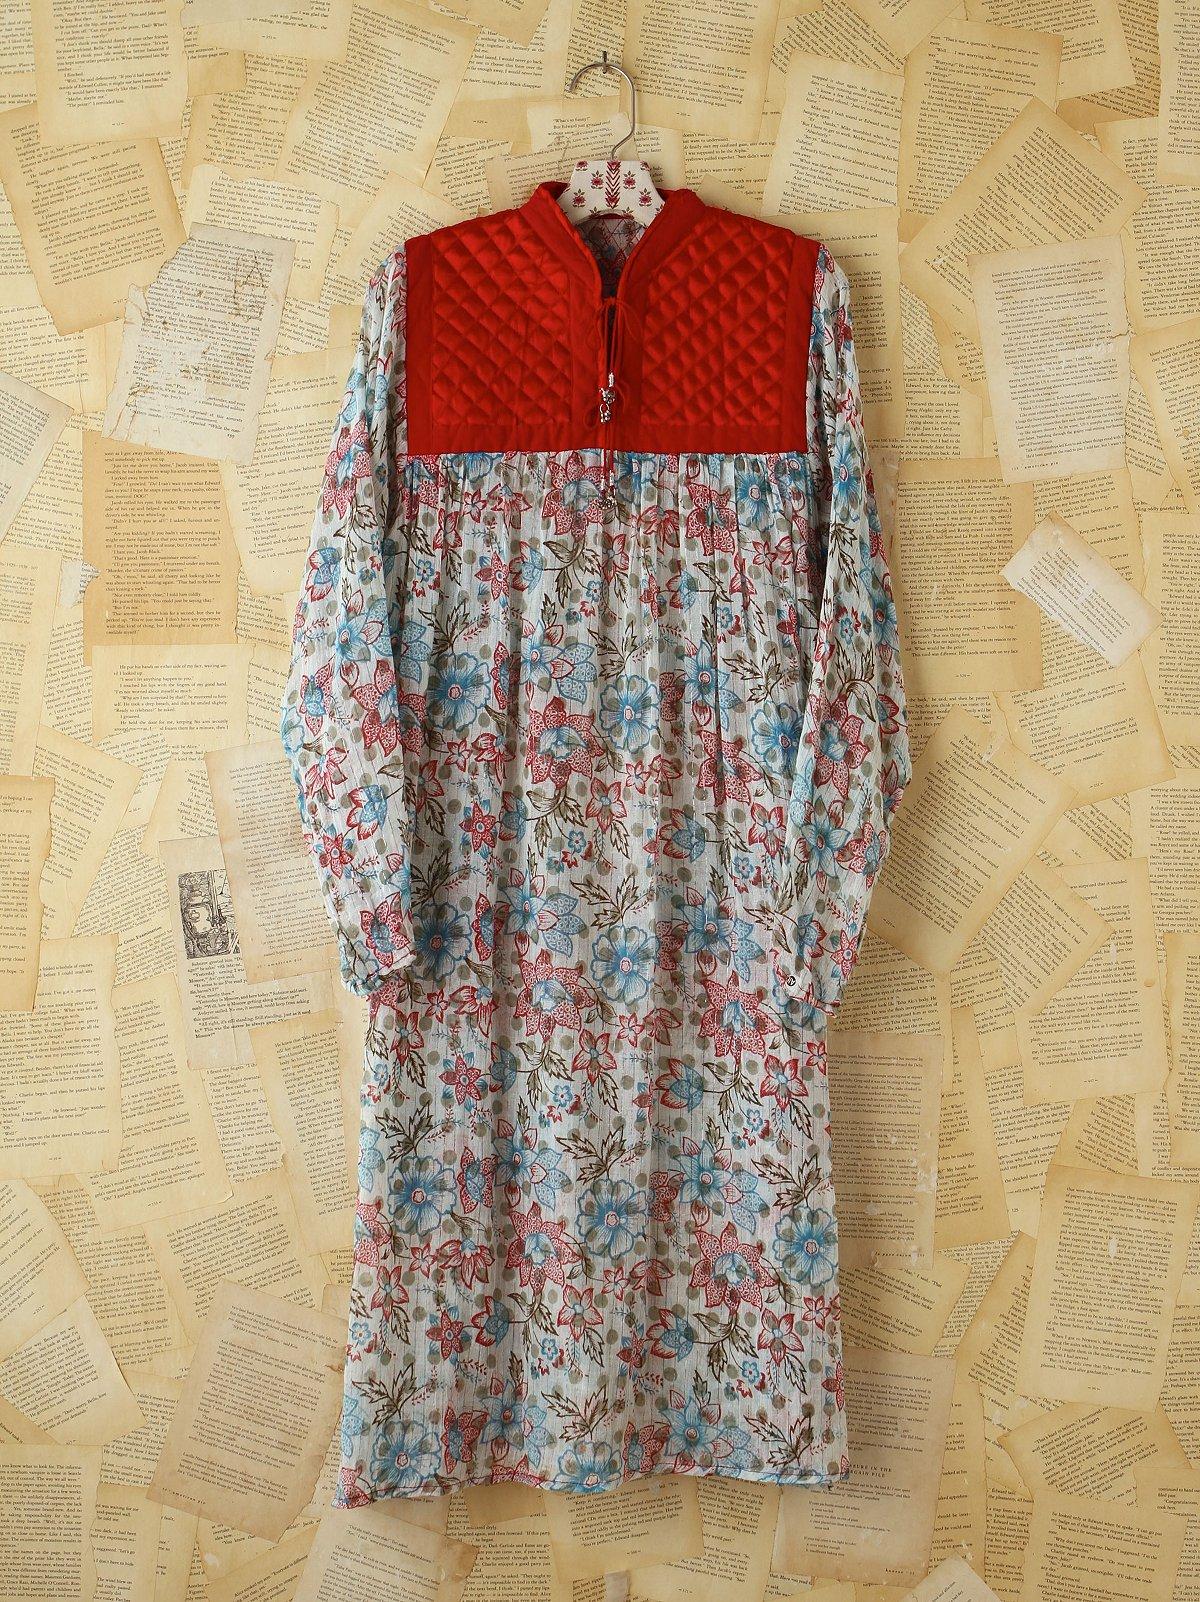 Vintage Floral Printed Boho Dress